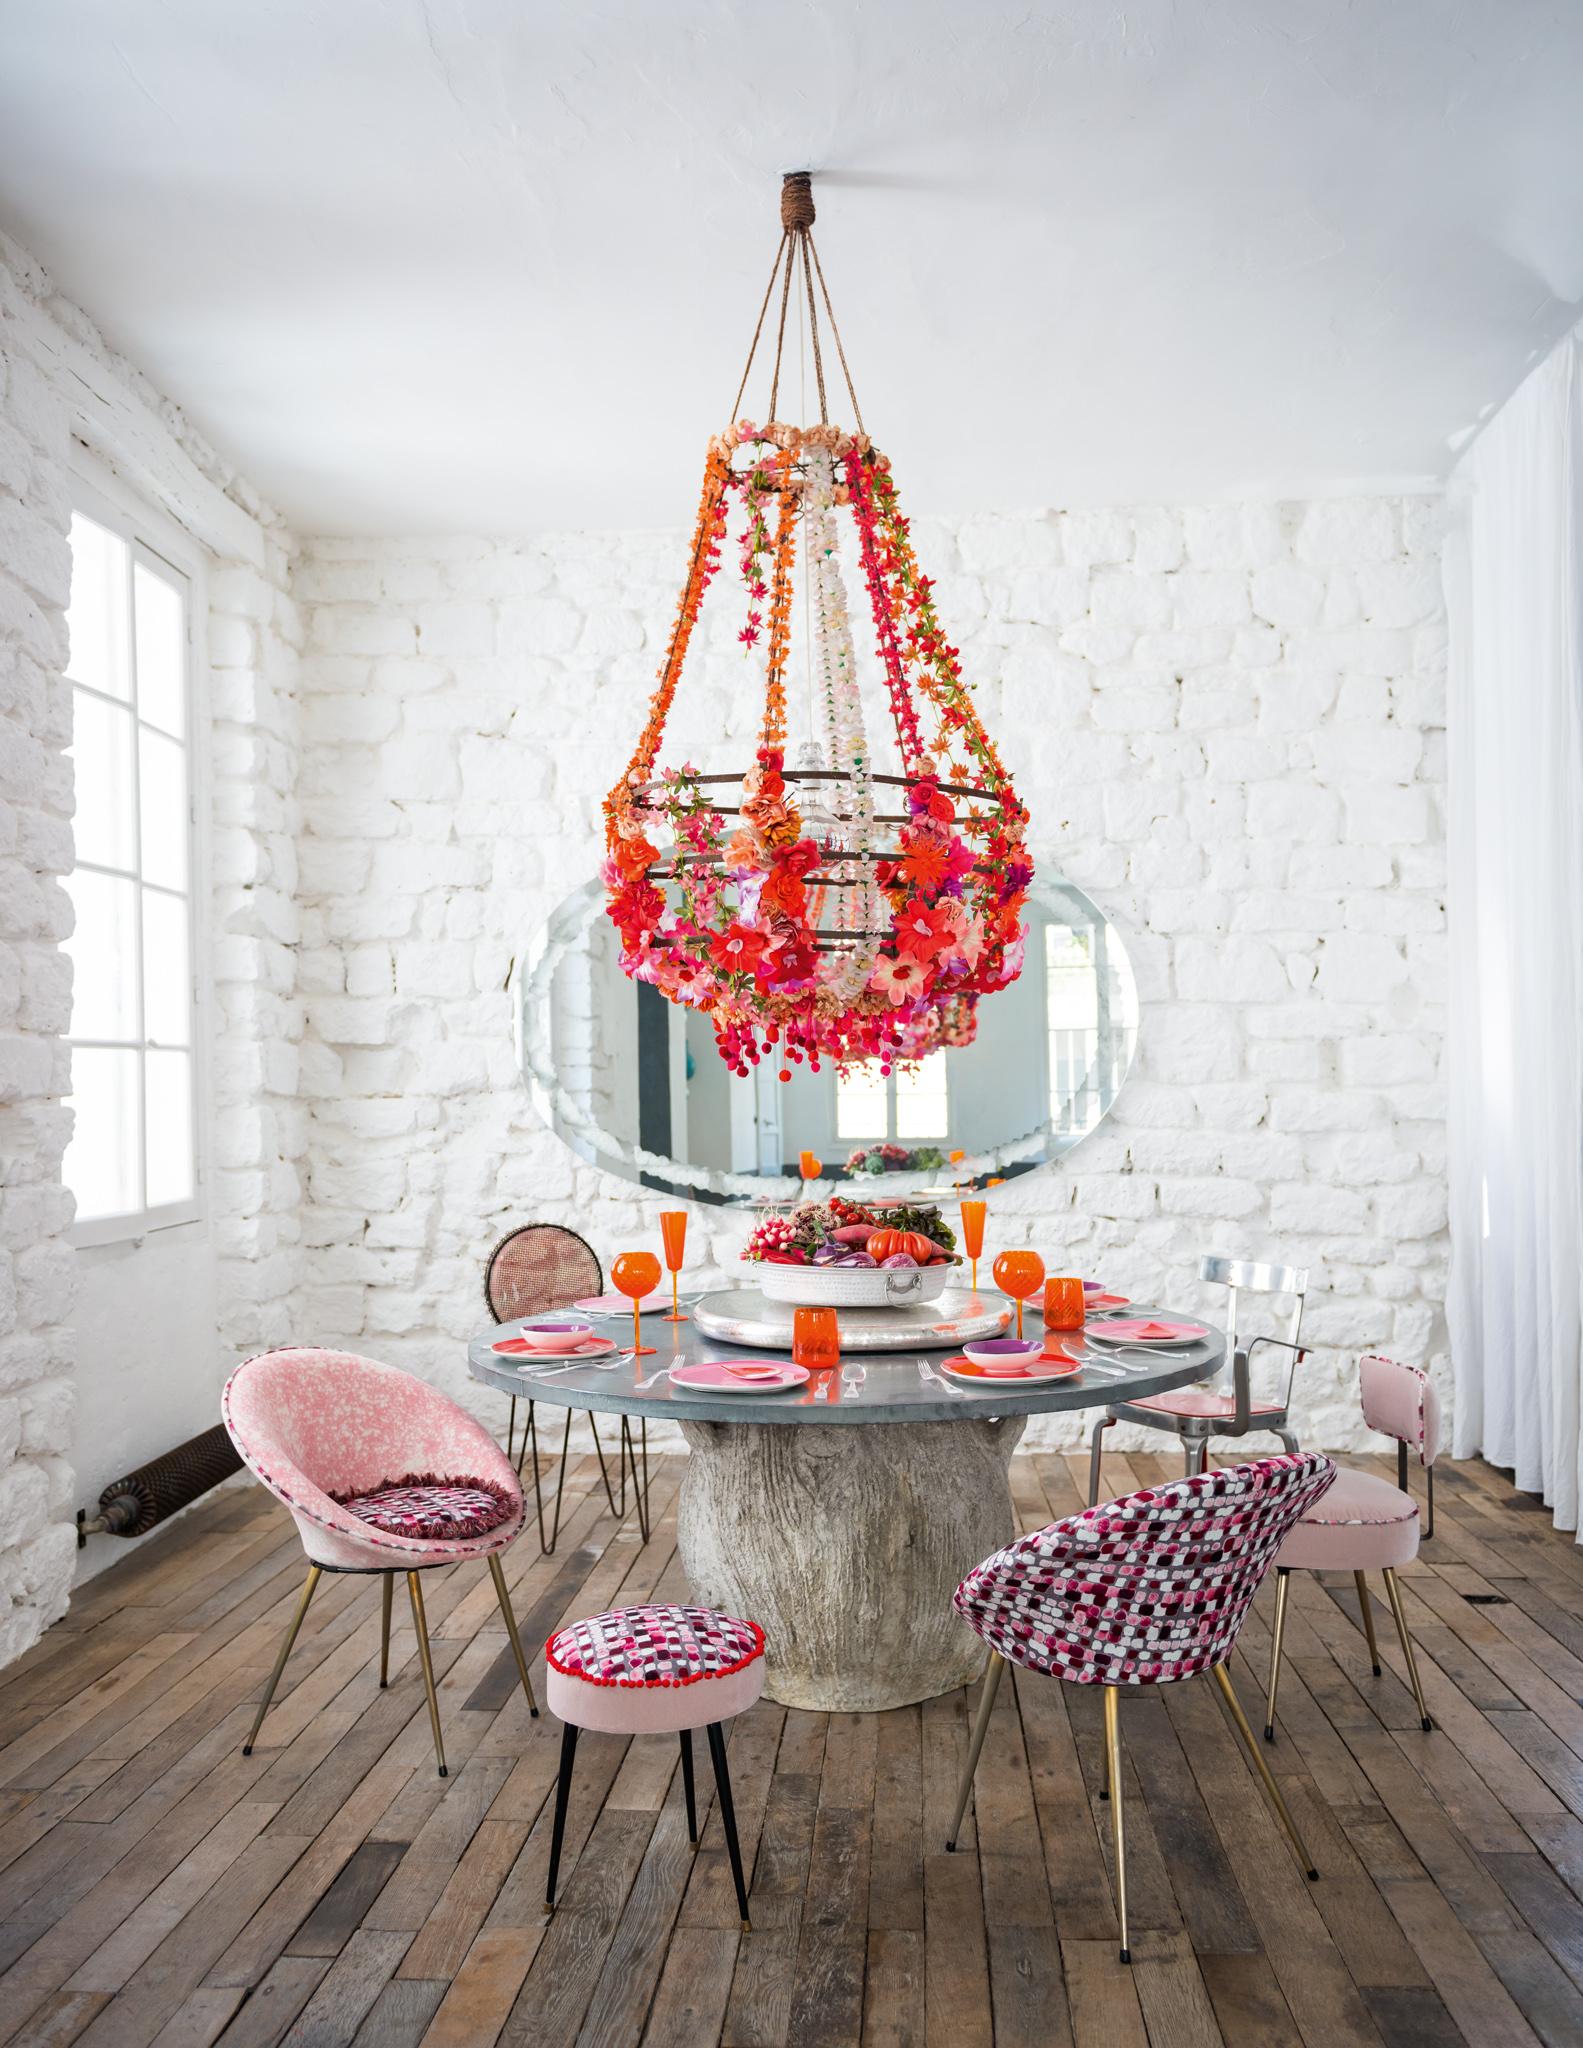 le loft de paola navone paris. Black Bedroom Furniture Sets. Home Design Ideas